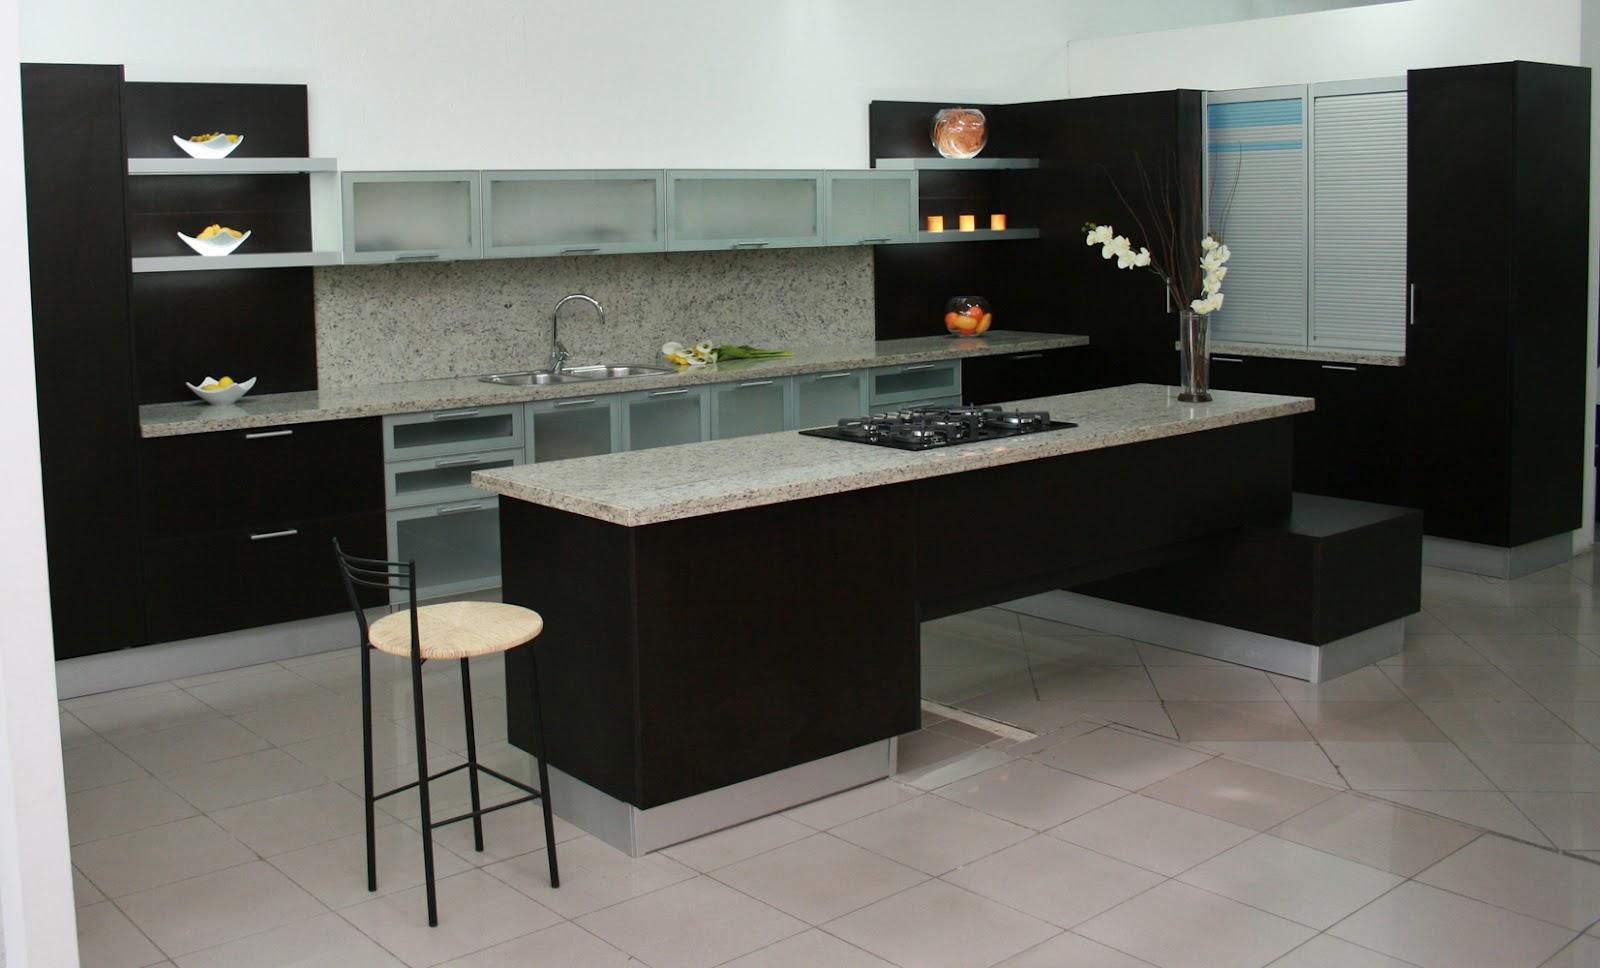 Corporacion jne c a modelos de cocinas for Modelos para cocina